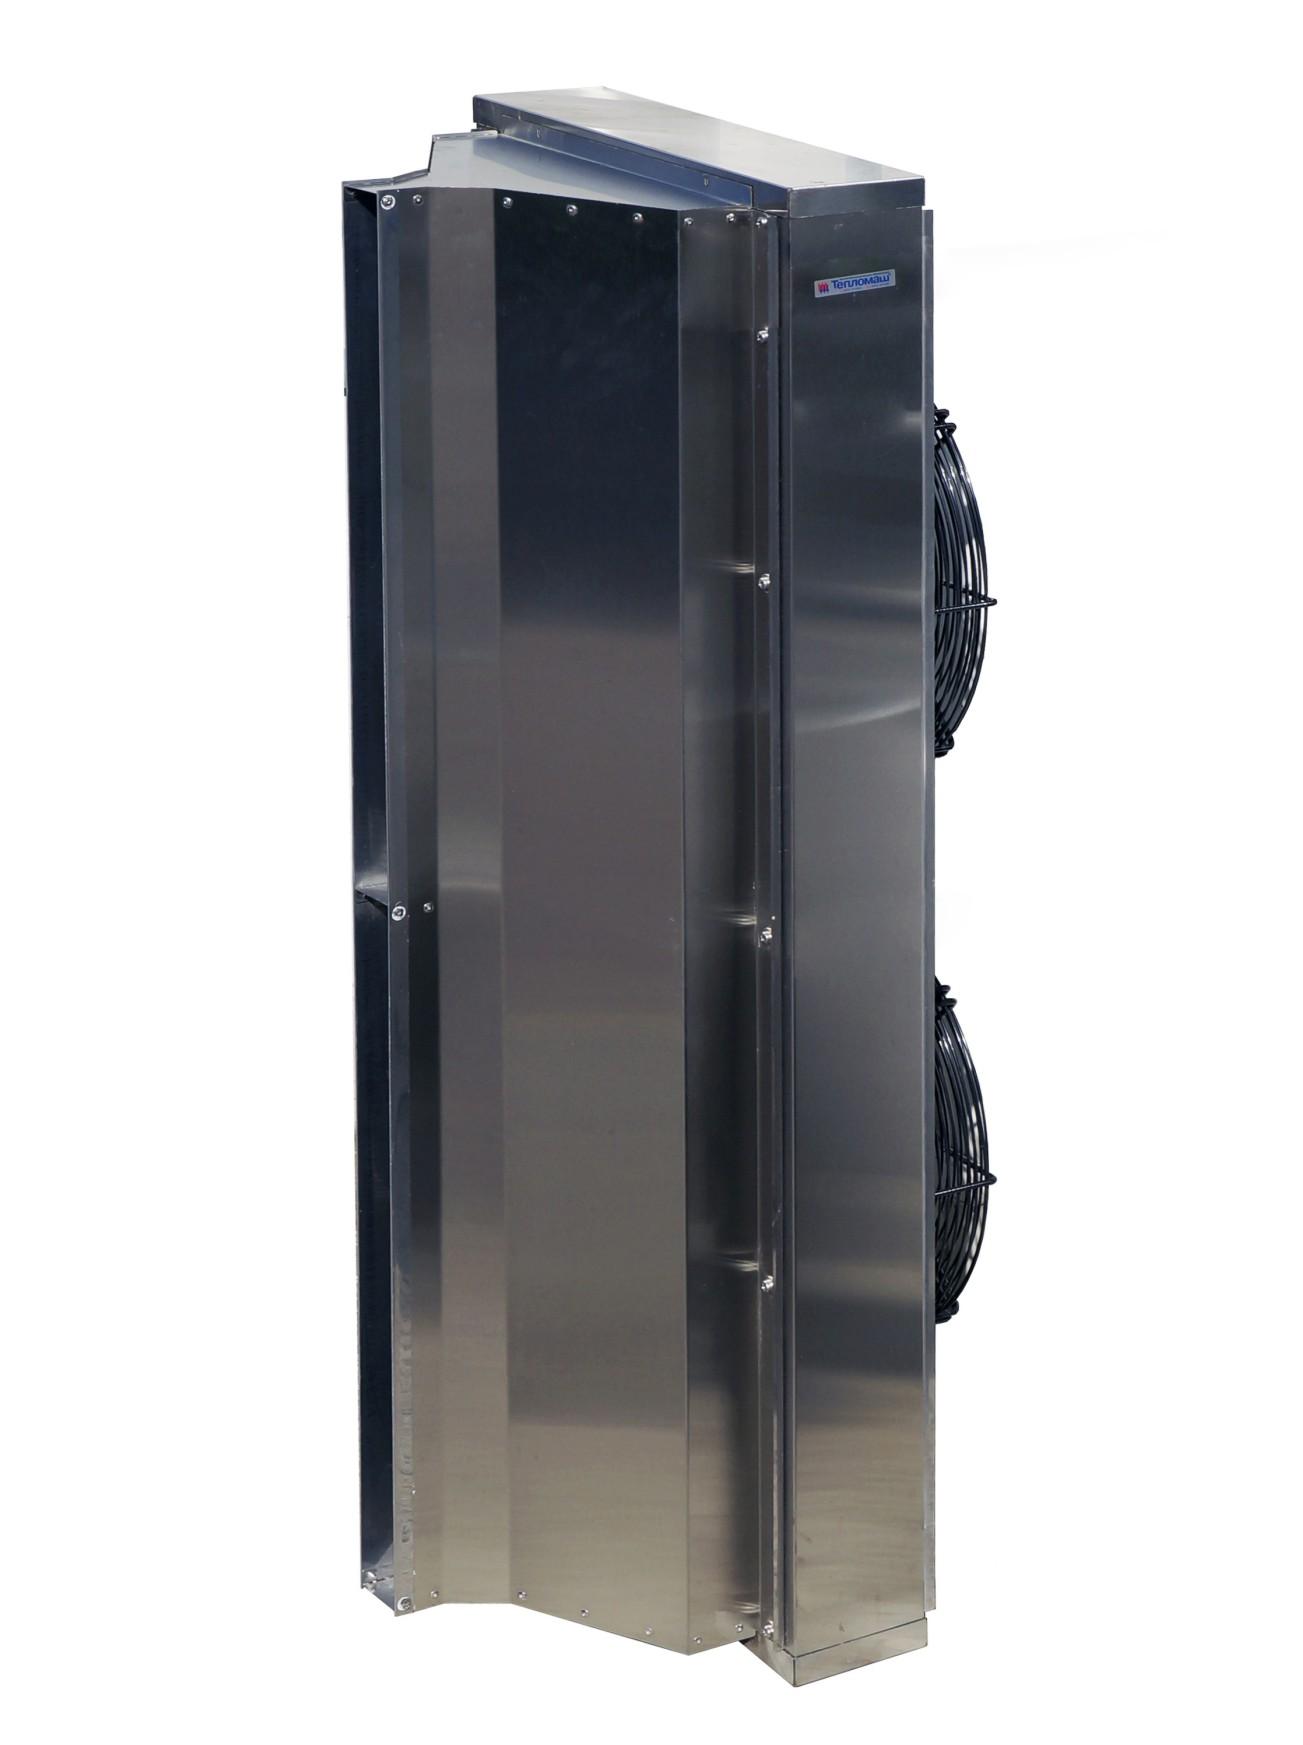 Тепловая завеса Тепломаш КЭВ-П4060А нерж. тепловая завеса тепломаш п7021a нерж